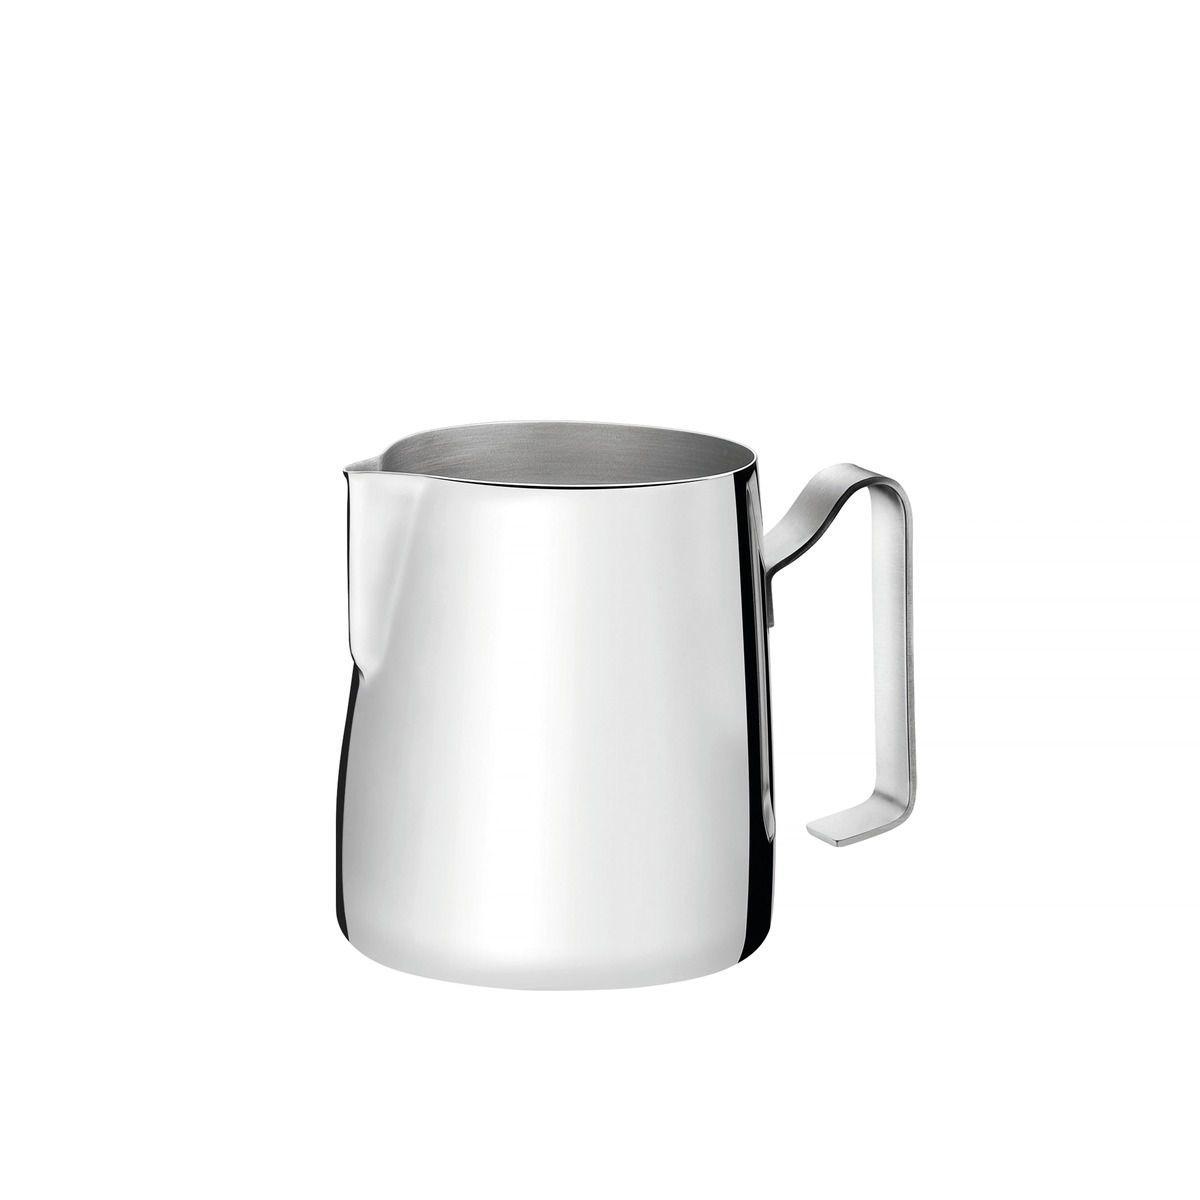 Leiteira para Barista Tramontina em Aço Inox 10 cm 760 ml 61437/101 | Lojas Estrela